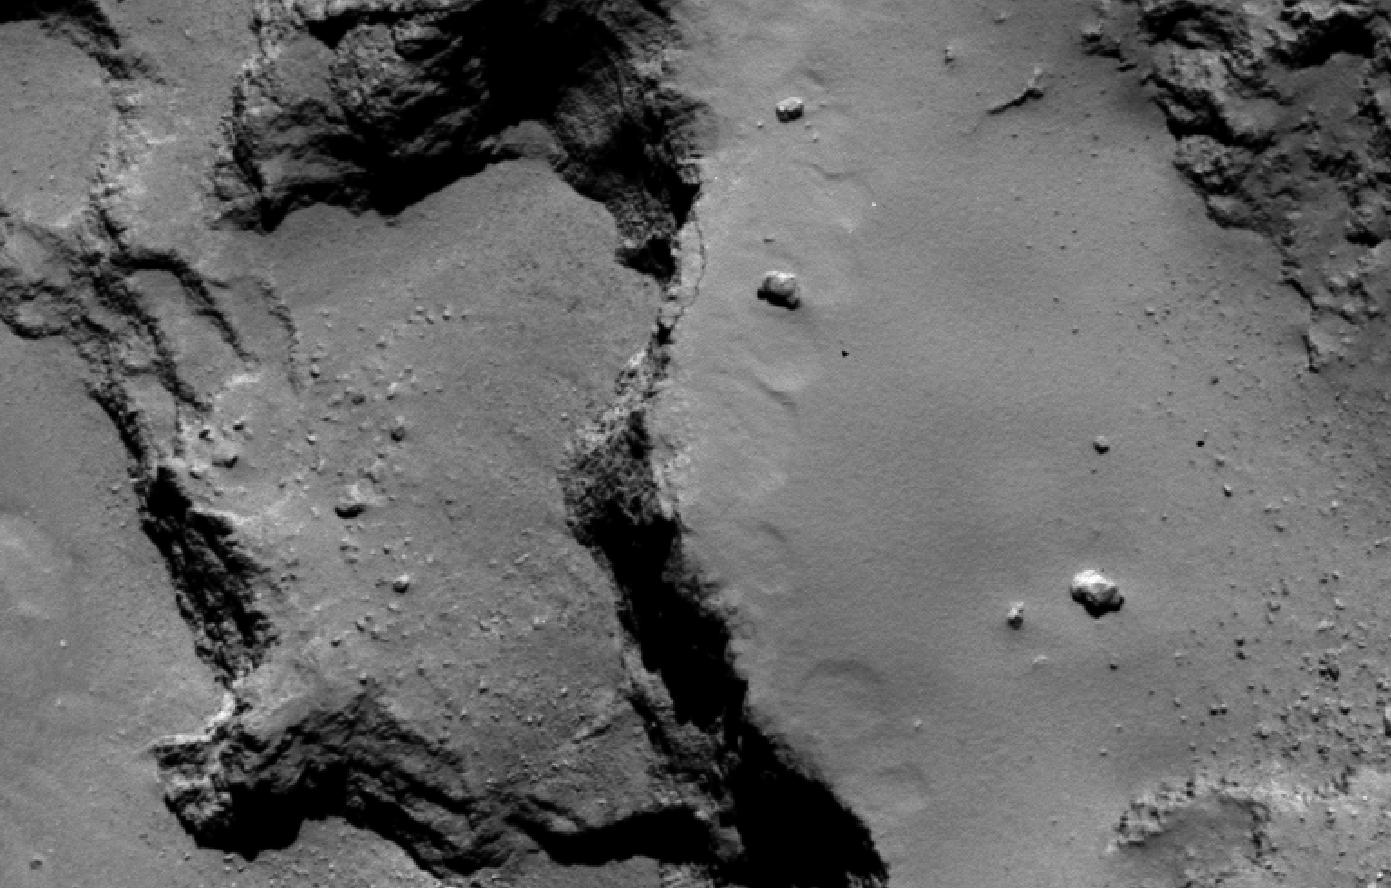 Vue d'un système de terrasses à la surface de la comète observée par  la caméra OSIRIS/NAC à bord de la sonde ROSETTA